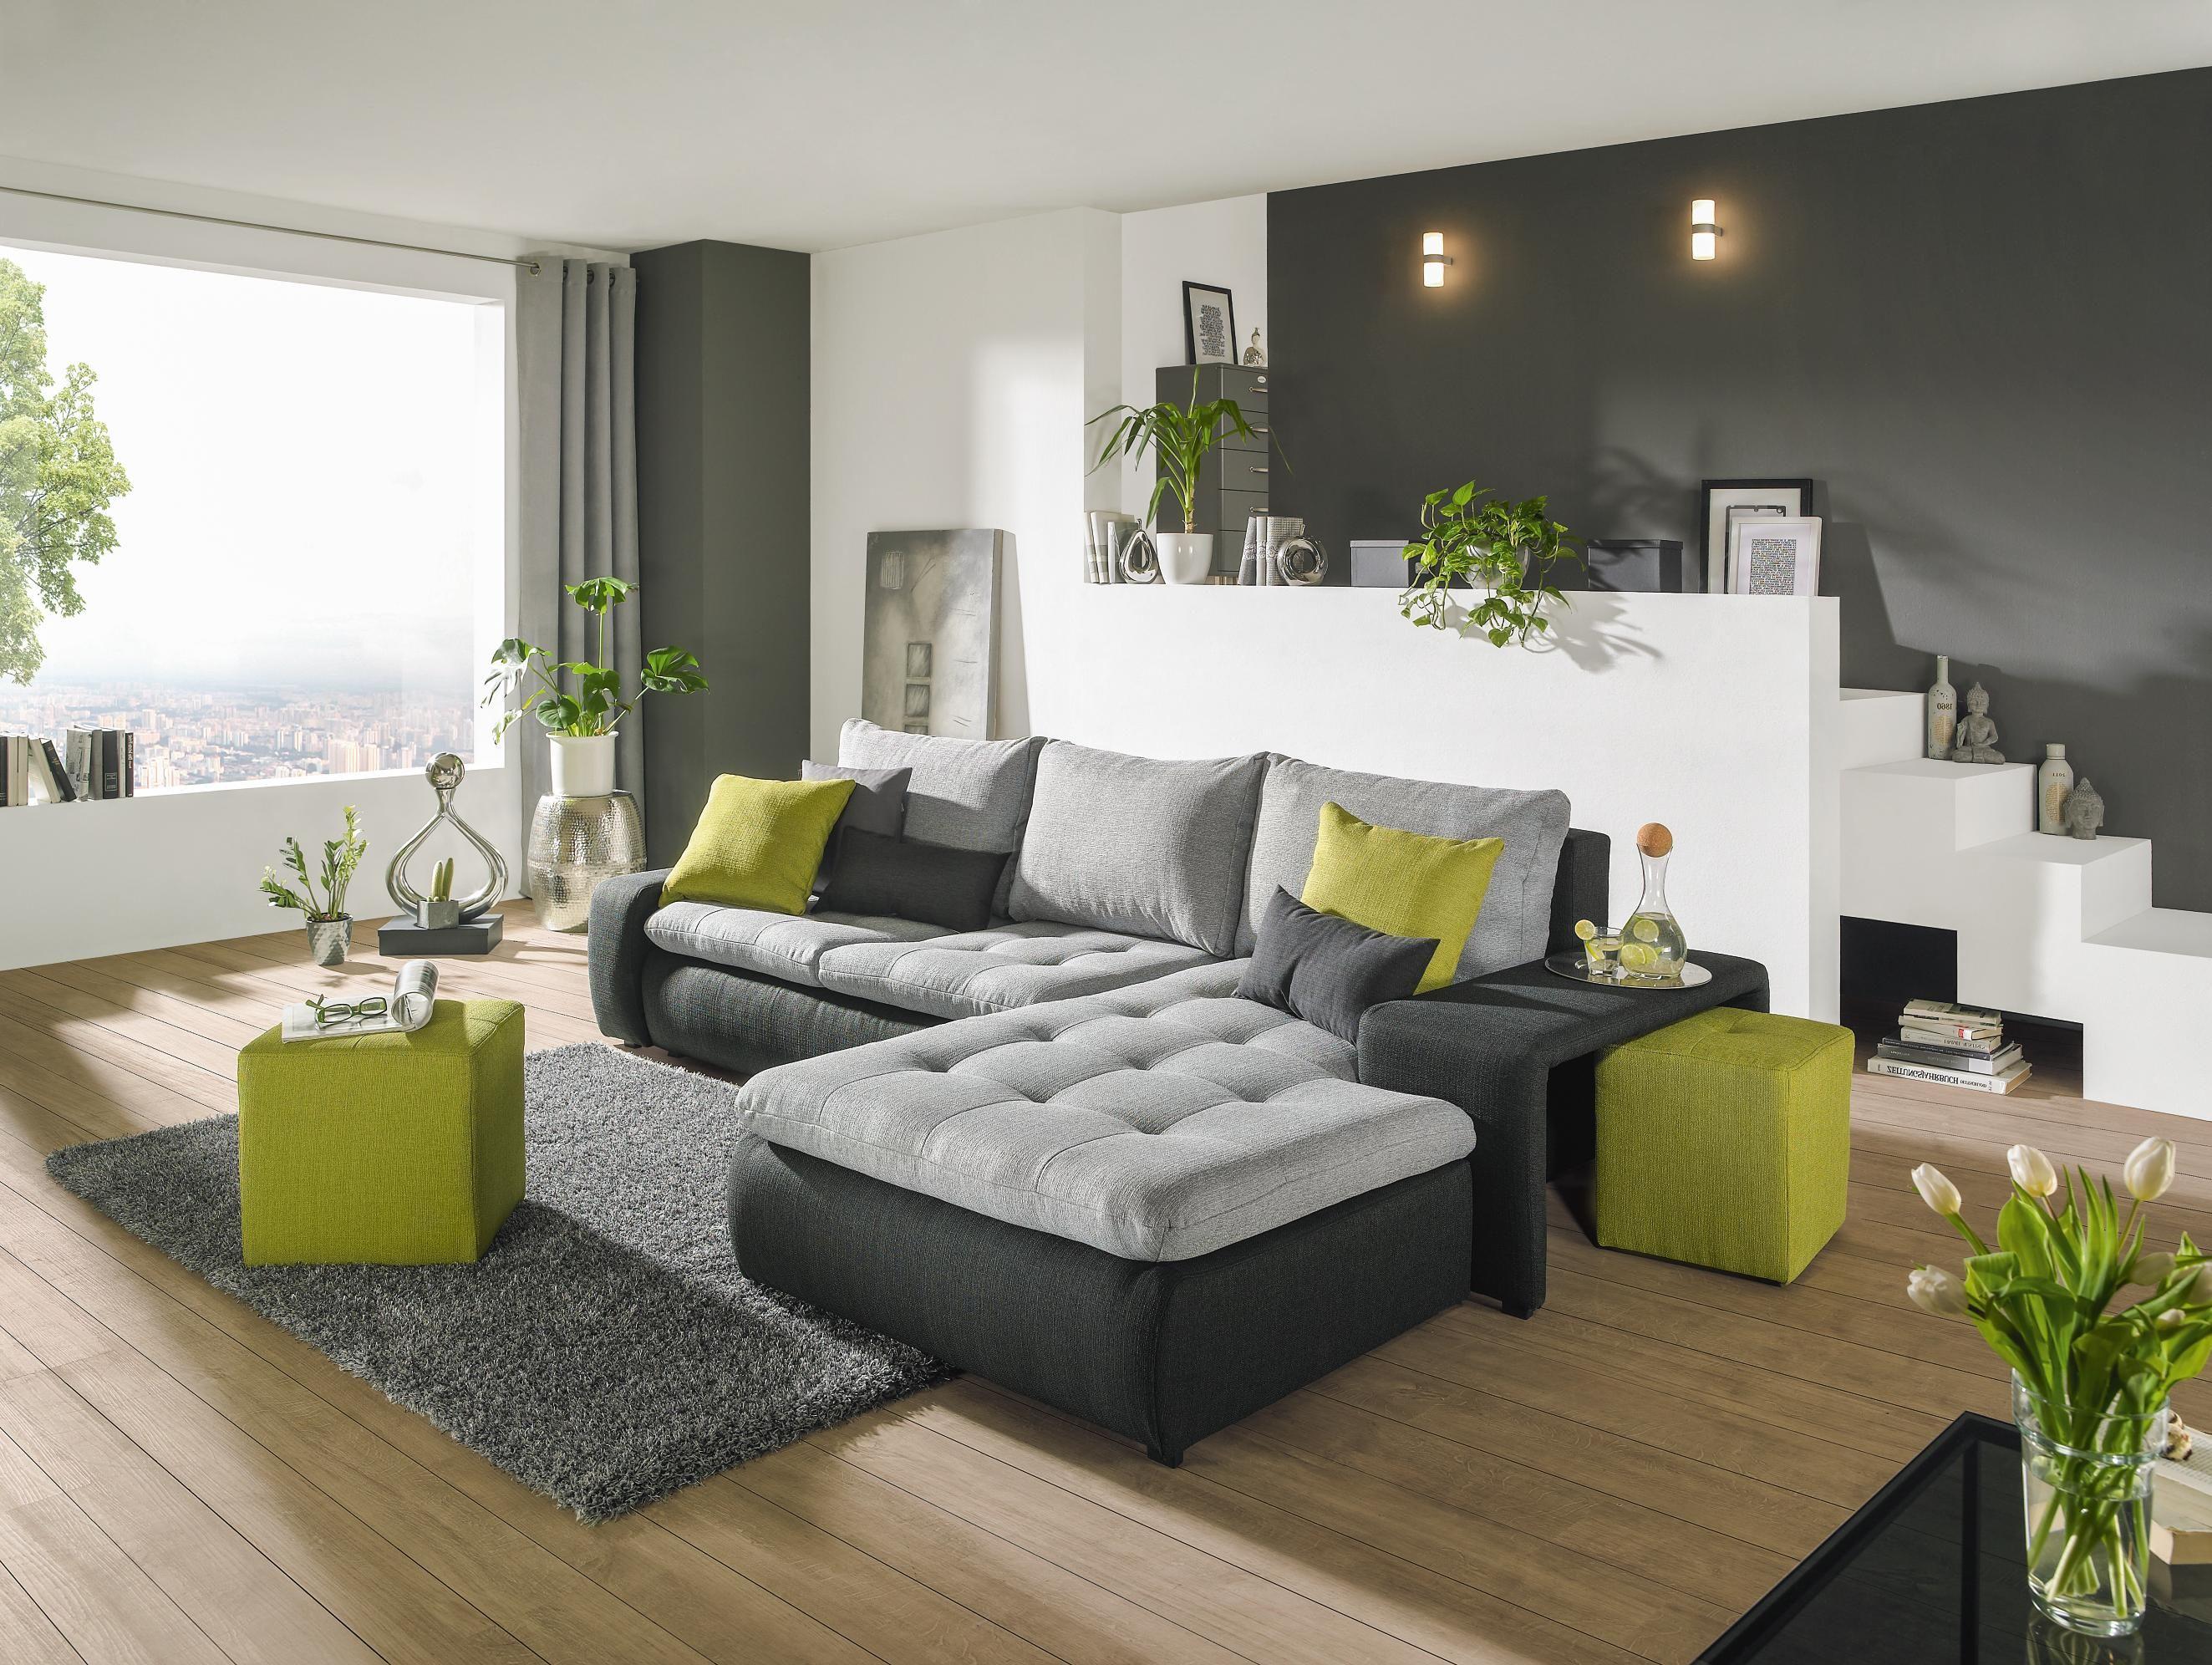 wohnlandschaft von carryhome in grau mit schlaffunktion einrichten und wohnen pinterest. Black Bedroom Furniture Sets. Home Design Ideas